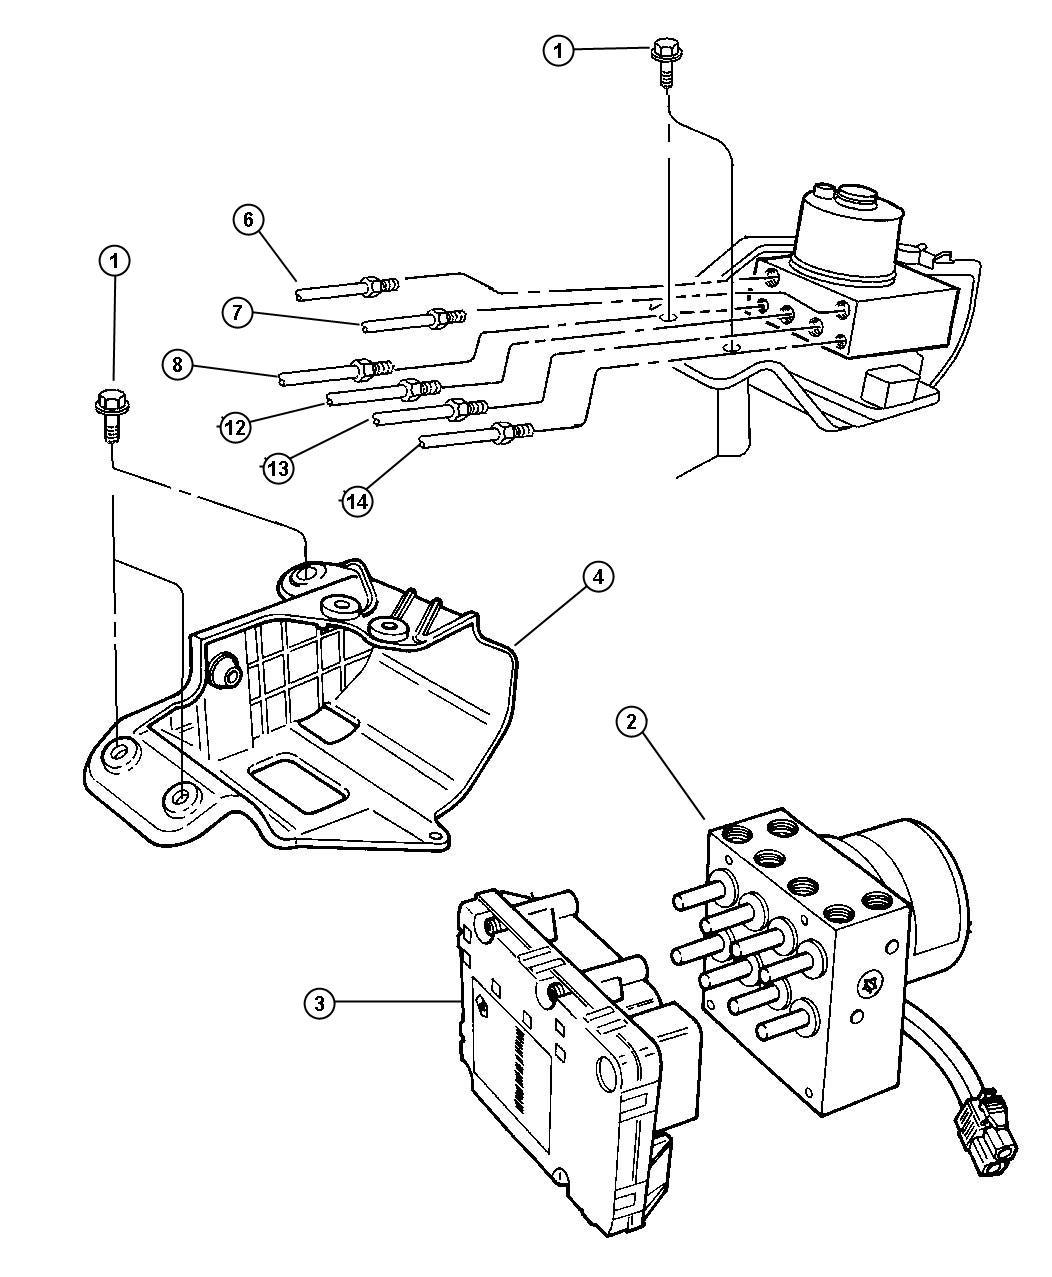 2000 Dodge Caravan Anti-lock Brake Control.